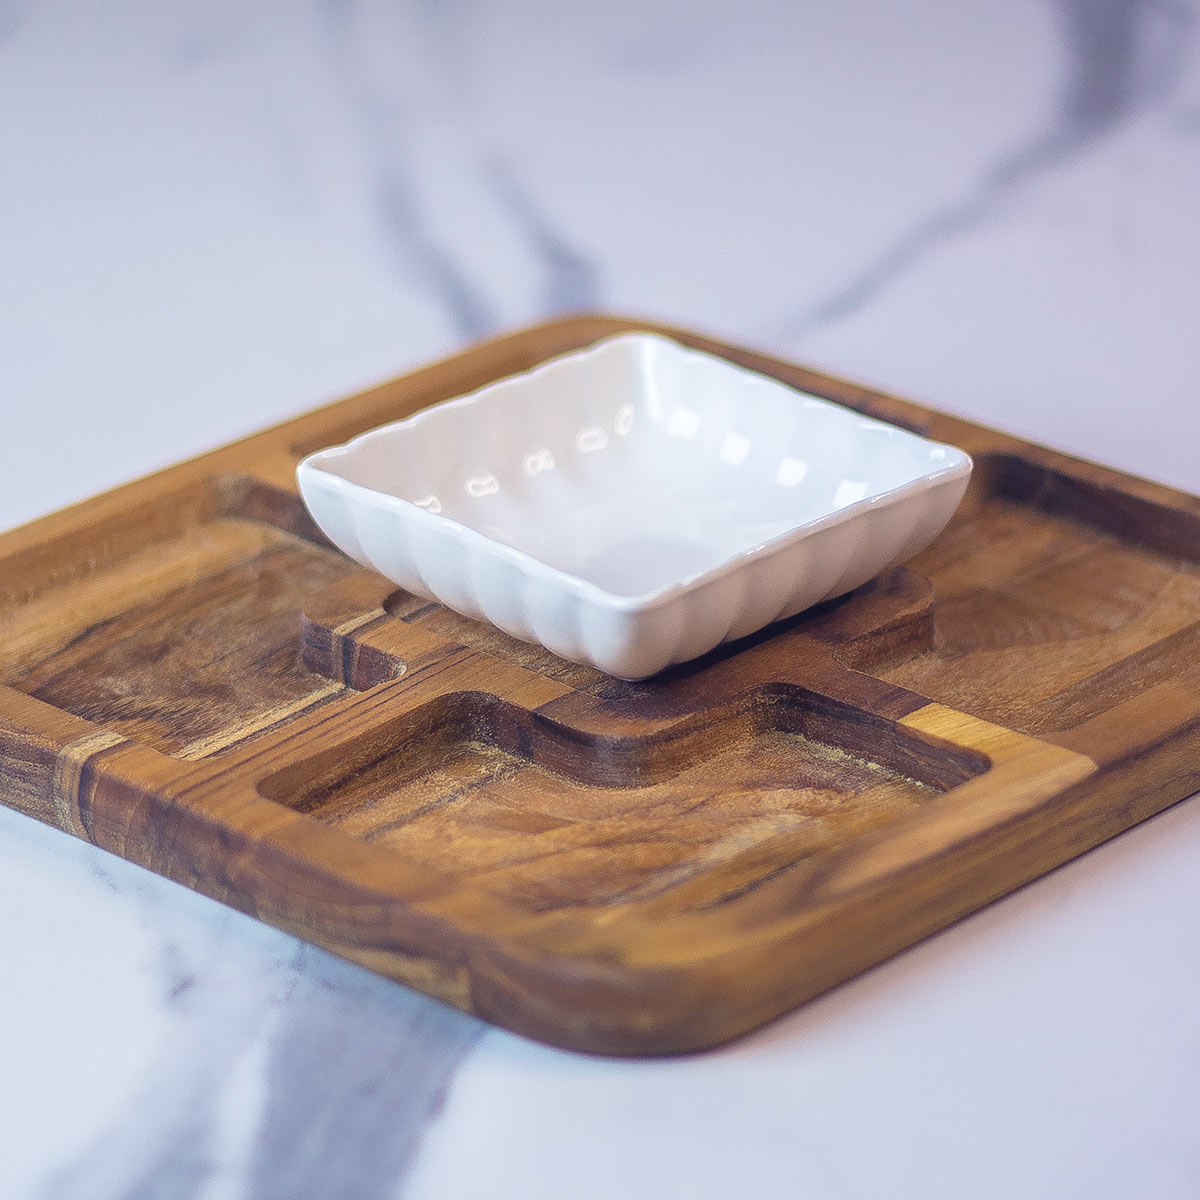 Imagem  Mini petisqueira com bowl de porcelana